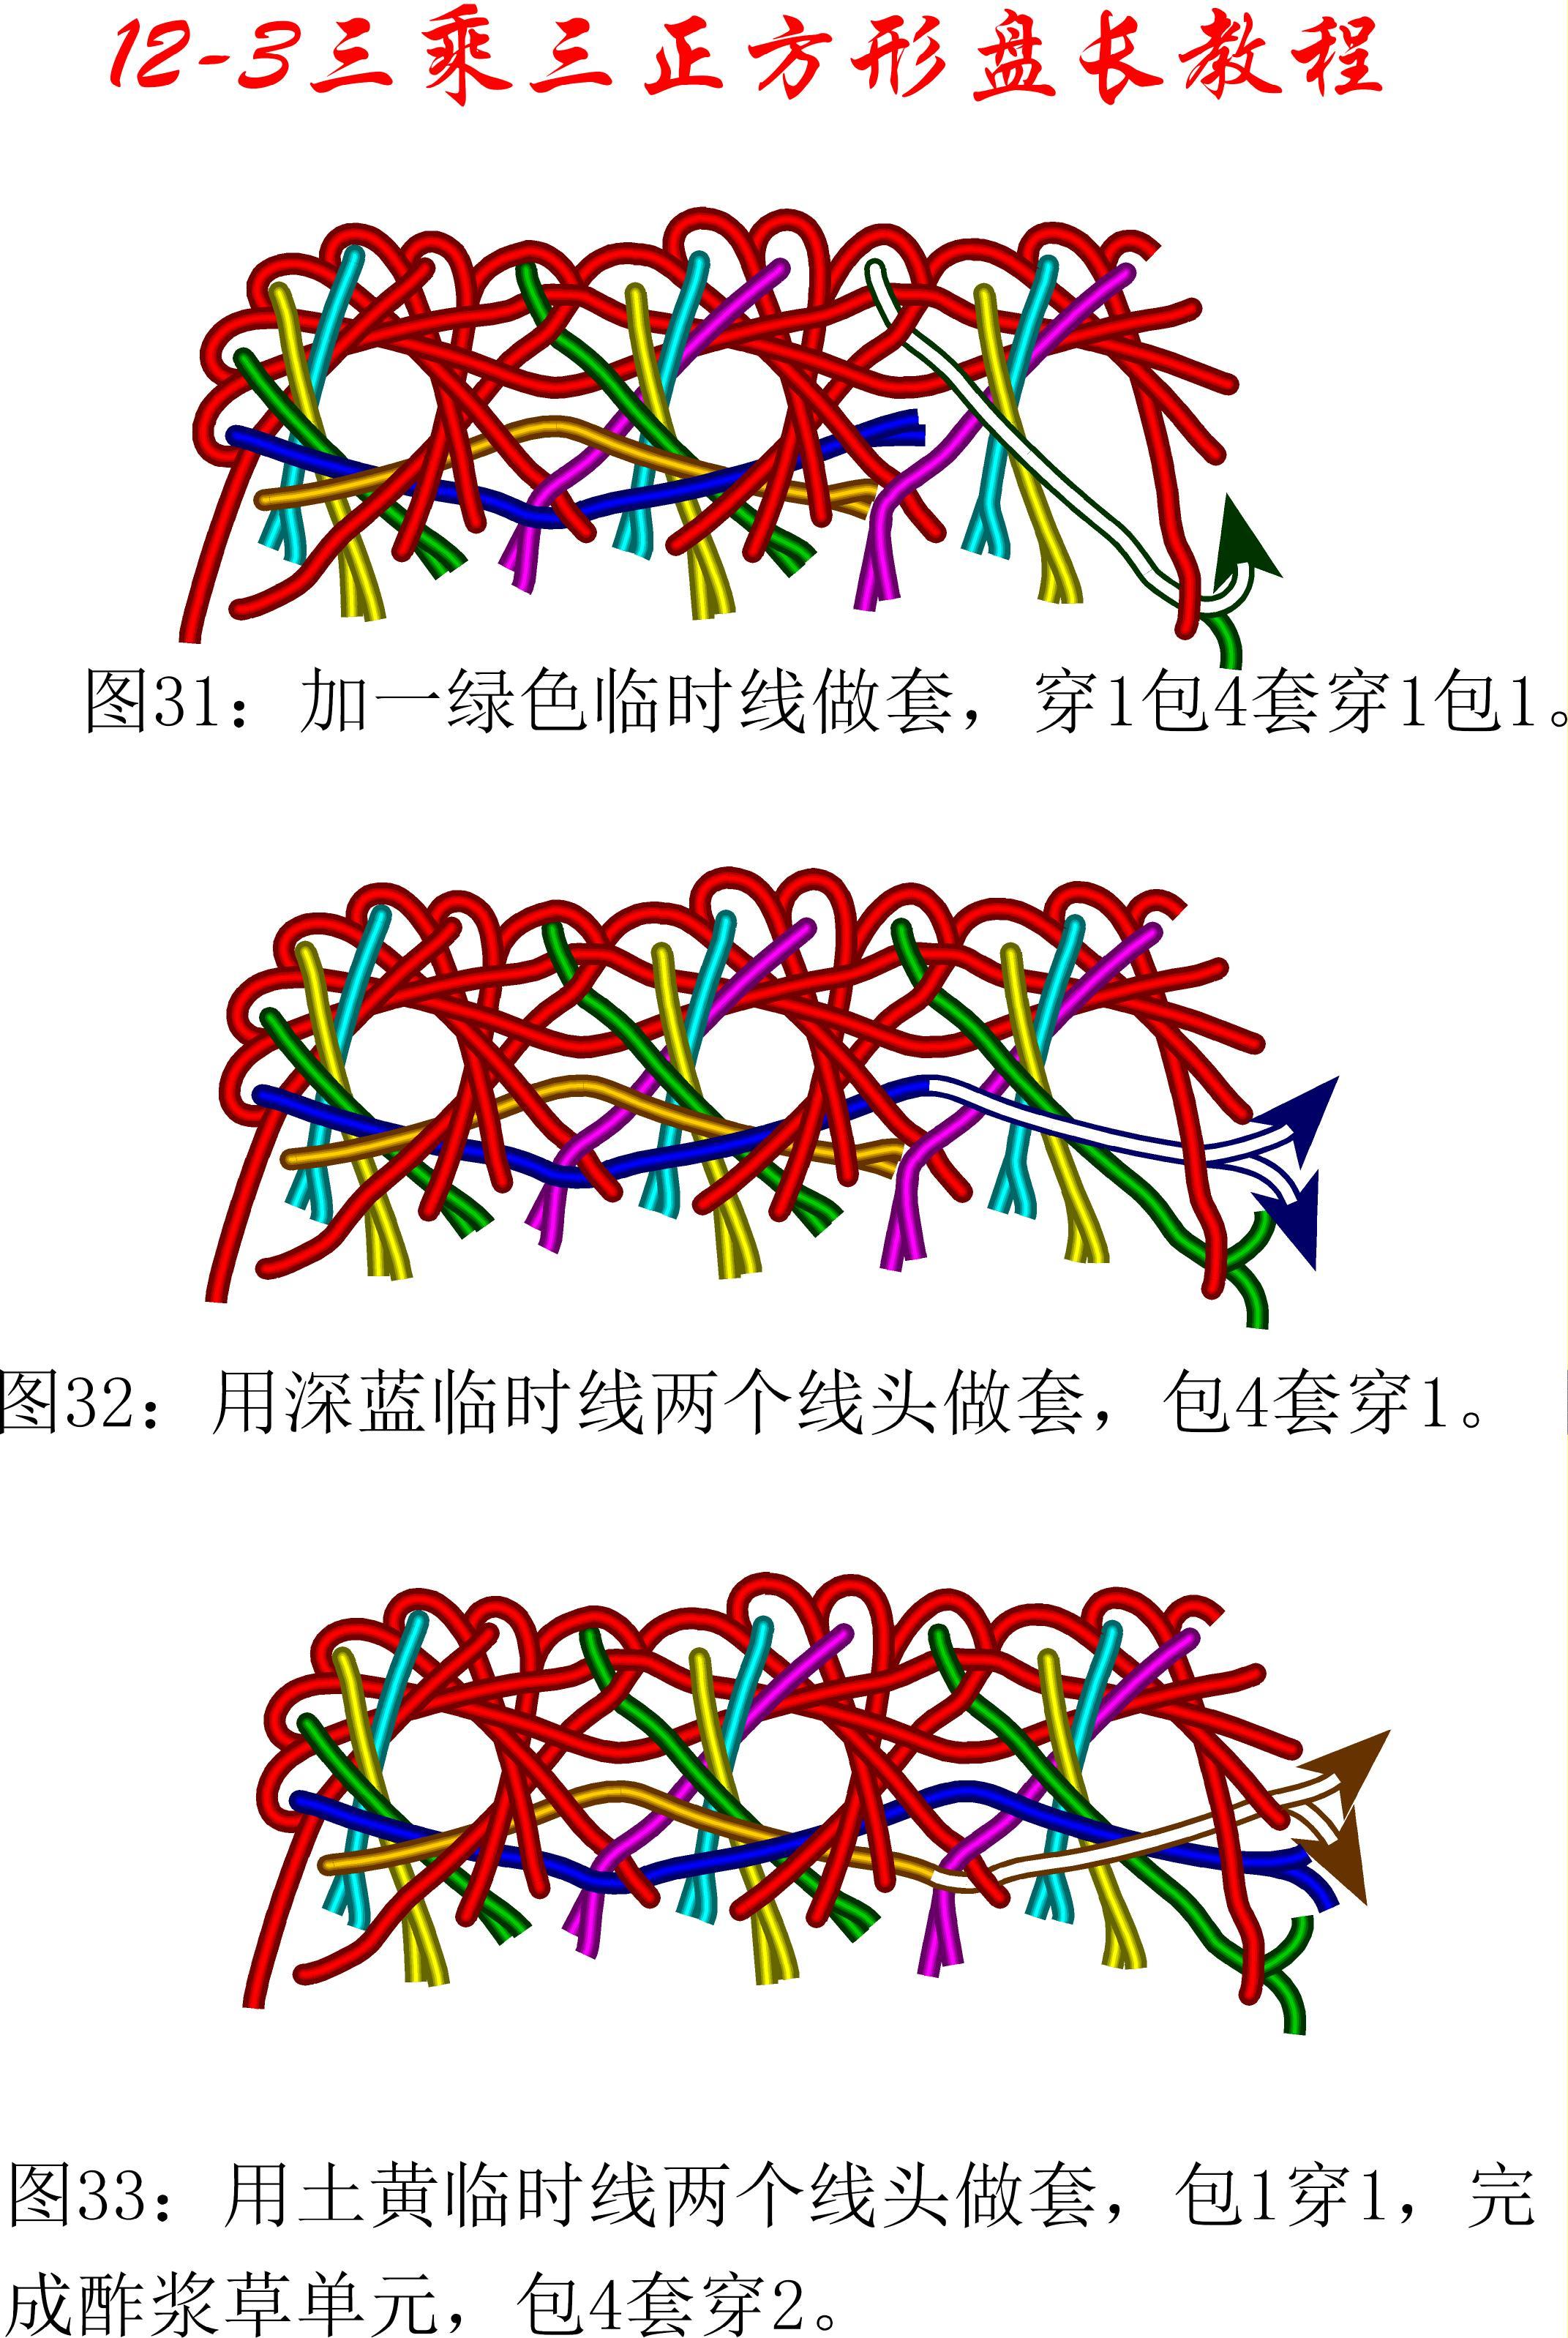 中国结论坛 12-3盘长平行扩展方法---3乘3方形盘长 方形,方形脸怎么办 丑丑徒手编结 093108nnxbrumymyuxu1x8